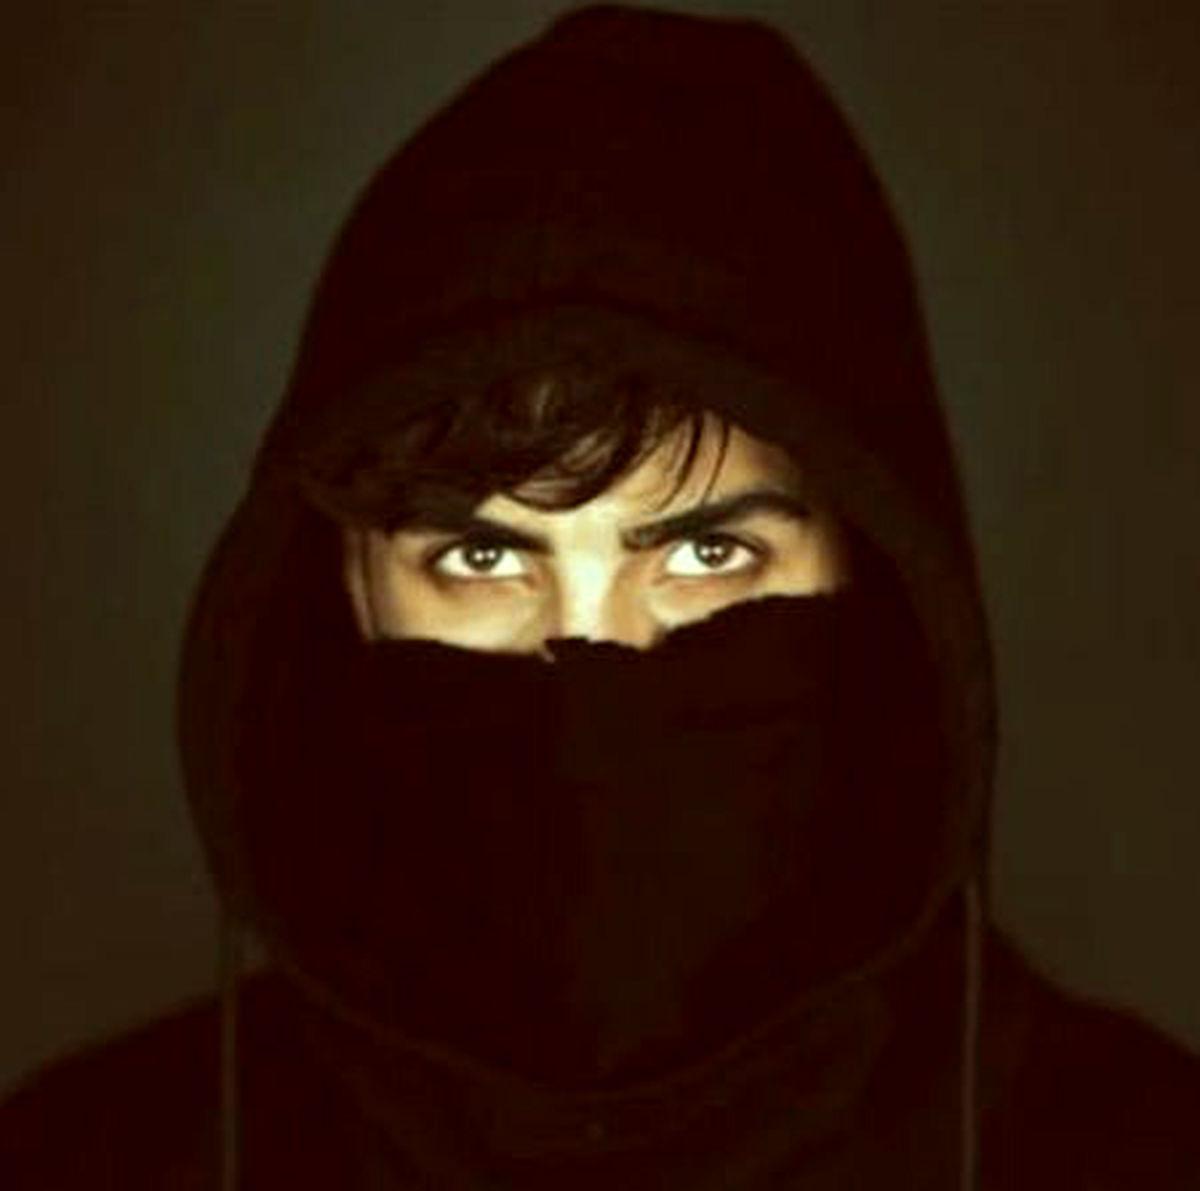 بیوگرافی خواندنی مهراد جم خواننده جوان + عکس